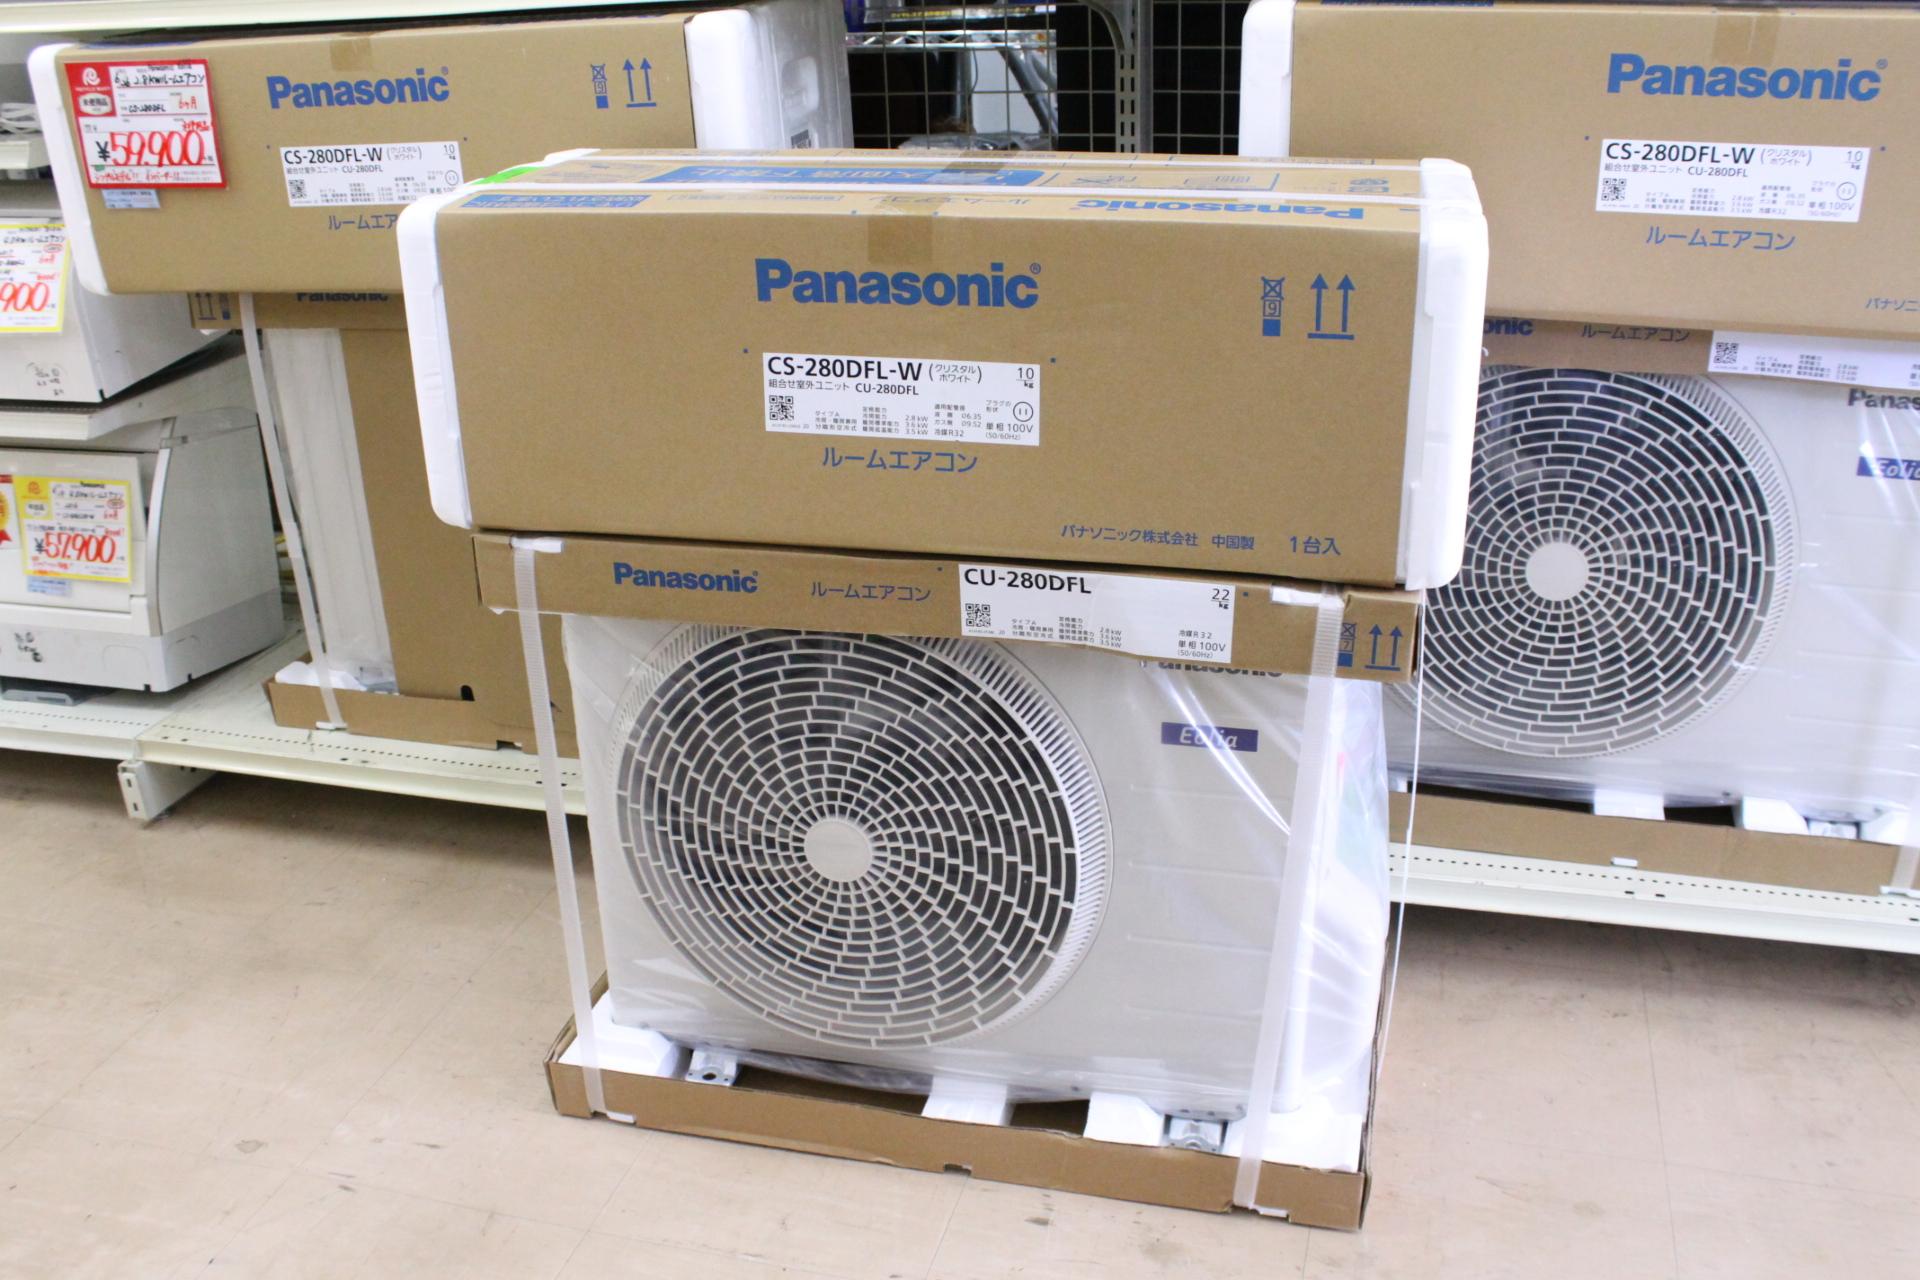 【新品 Panasonic パナソニック 2.8kw ルームエアコン Eolia エオリア CS-280DFL 】をお買取りさせて頂きました!の買取-